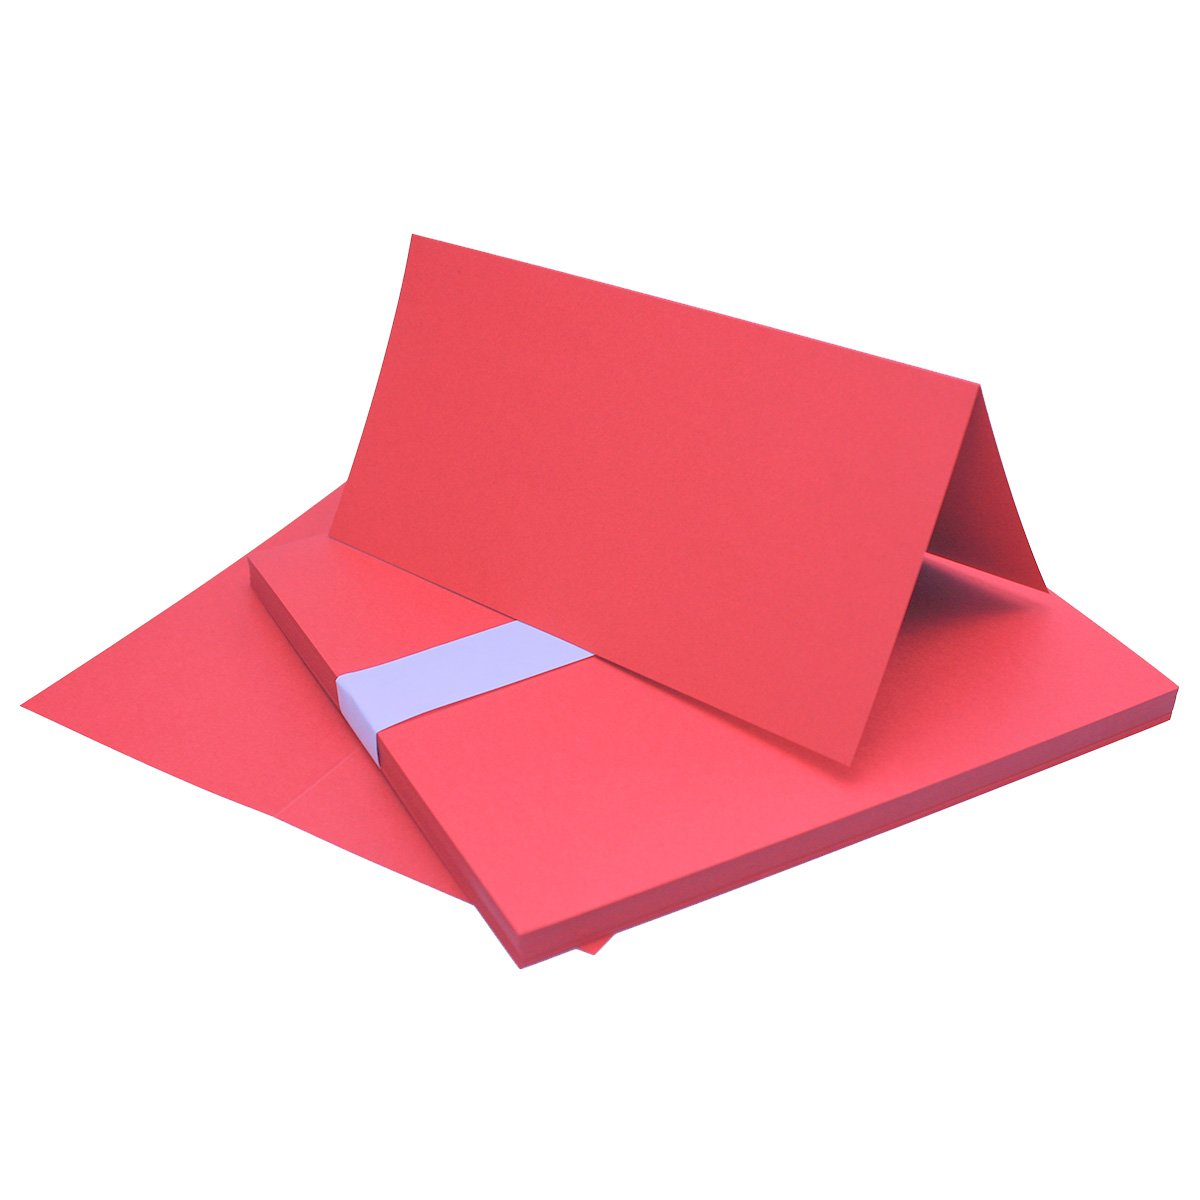 700 Faltkarten Din Lang - Hellgrau - Premium Qualität - 10,5 x 21 cm - Sehr formstabil - für Drucker Geeignet  - Qualitätsmarke  NEUSER FarbenFroh B07FKQTCJW | New Products